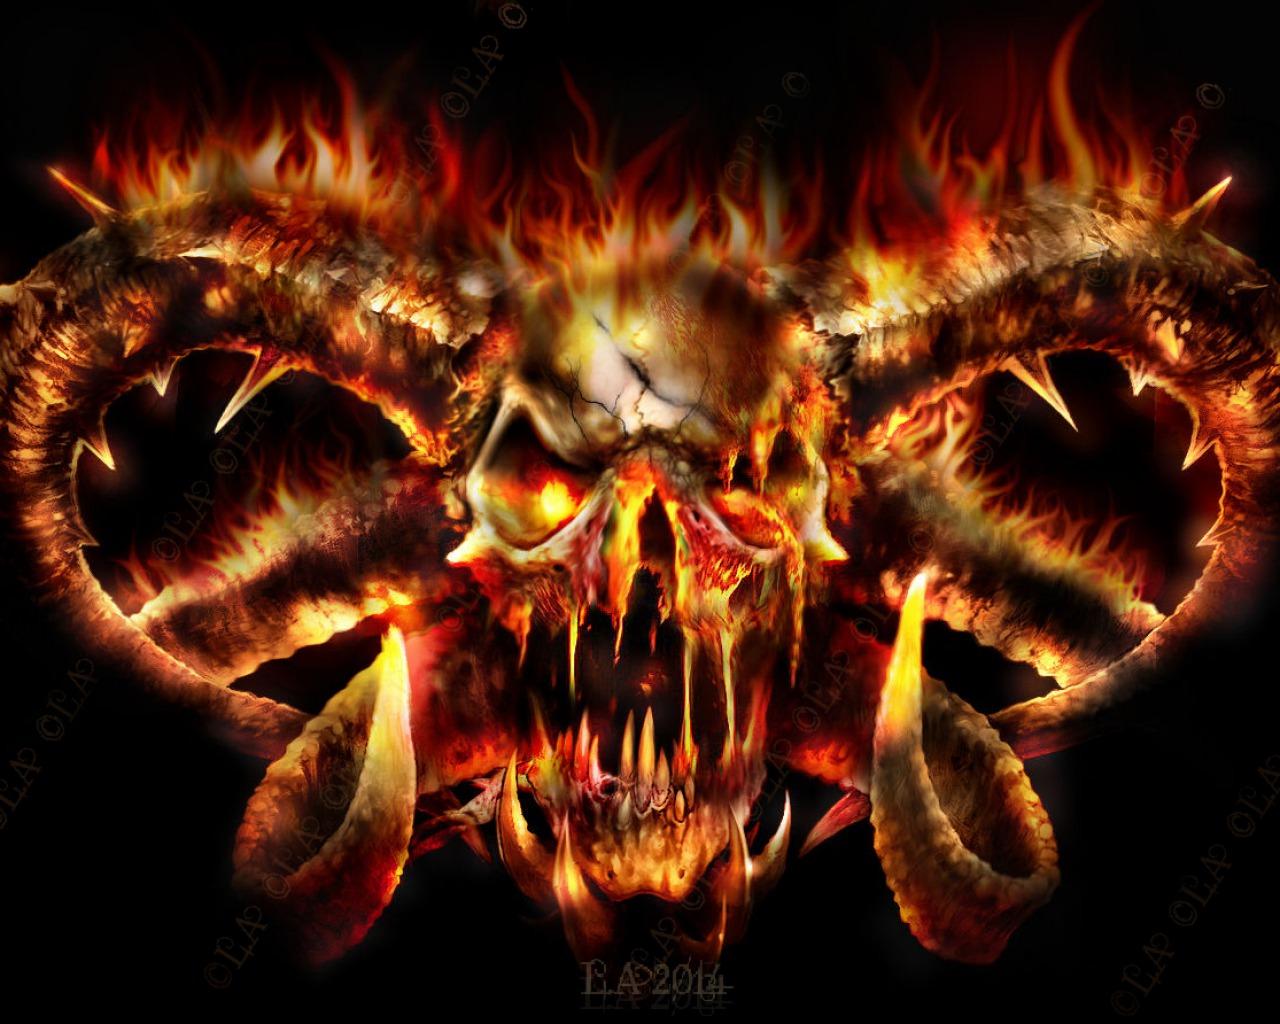 Pics Photos   Skull Fire Wallpaper Wwwp1qeu Pics 1280x1024